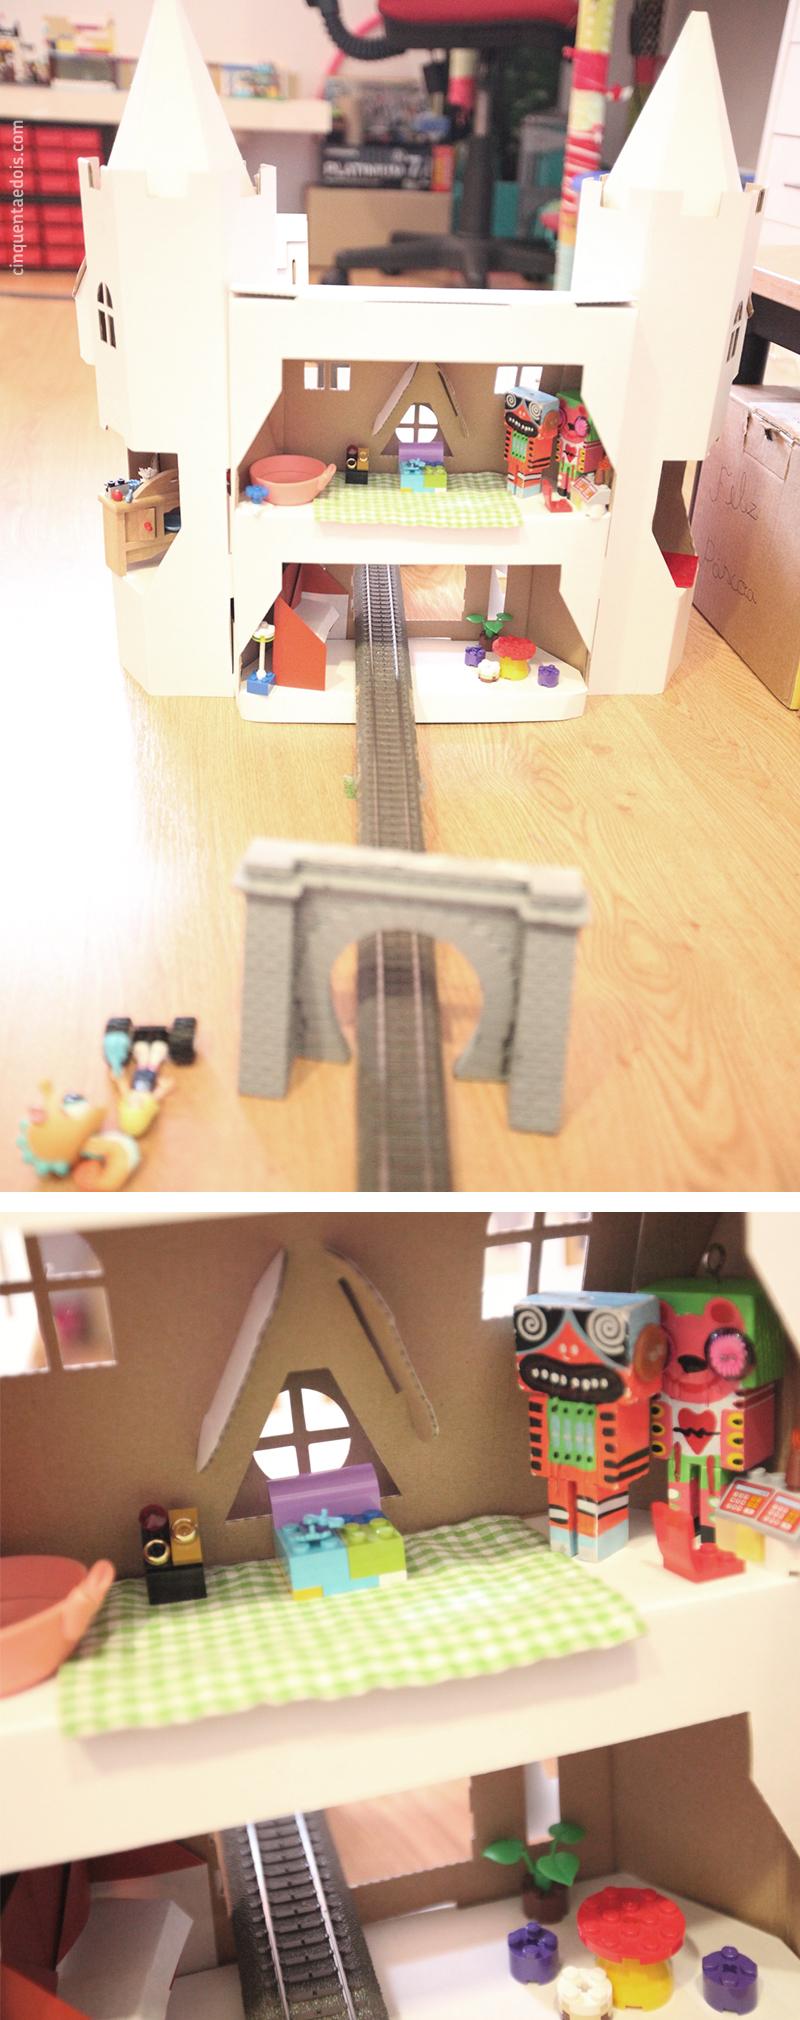 quarto_brinquedos_3